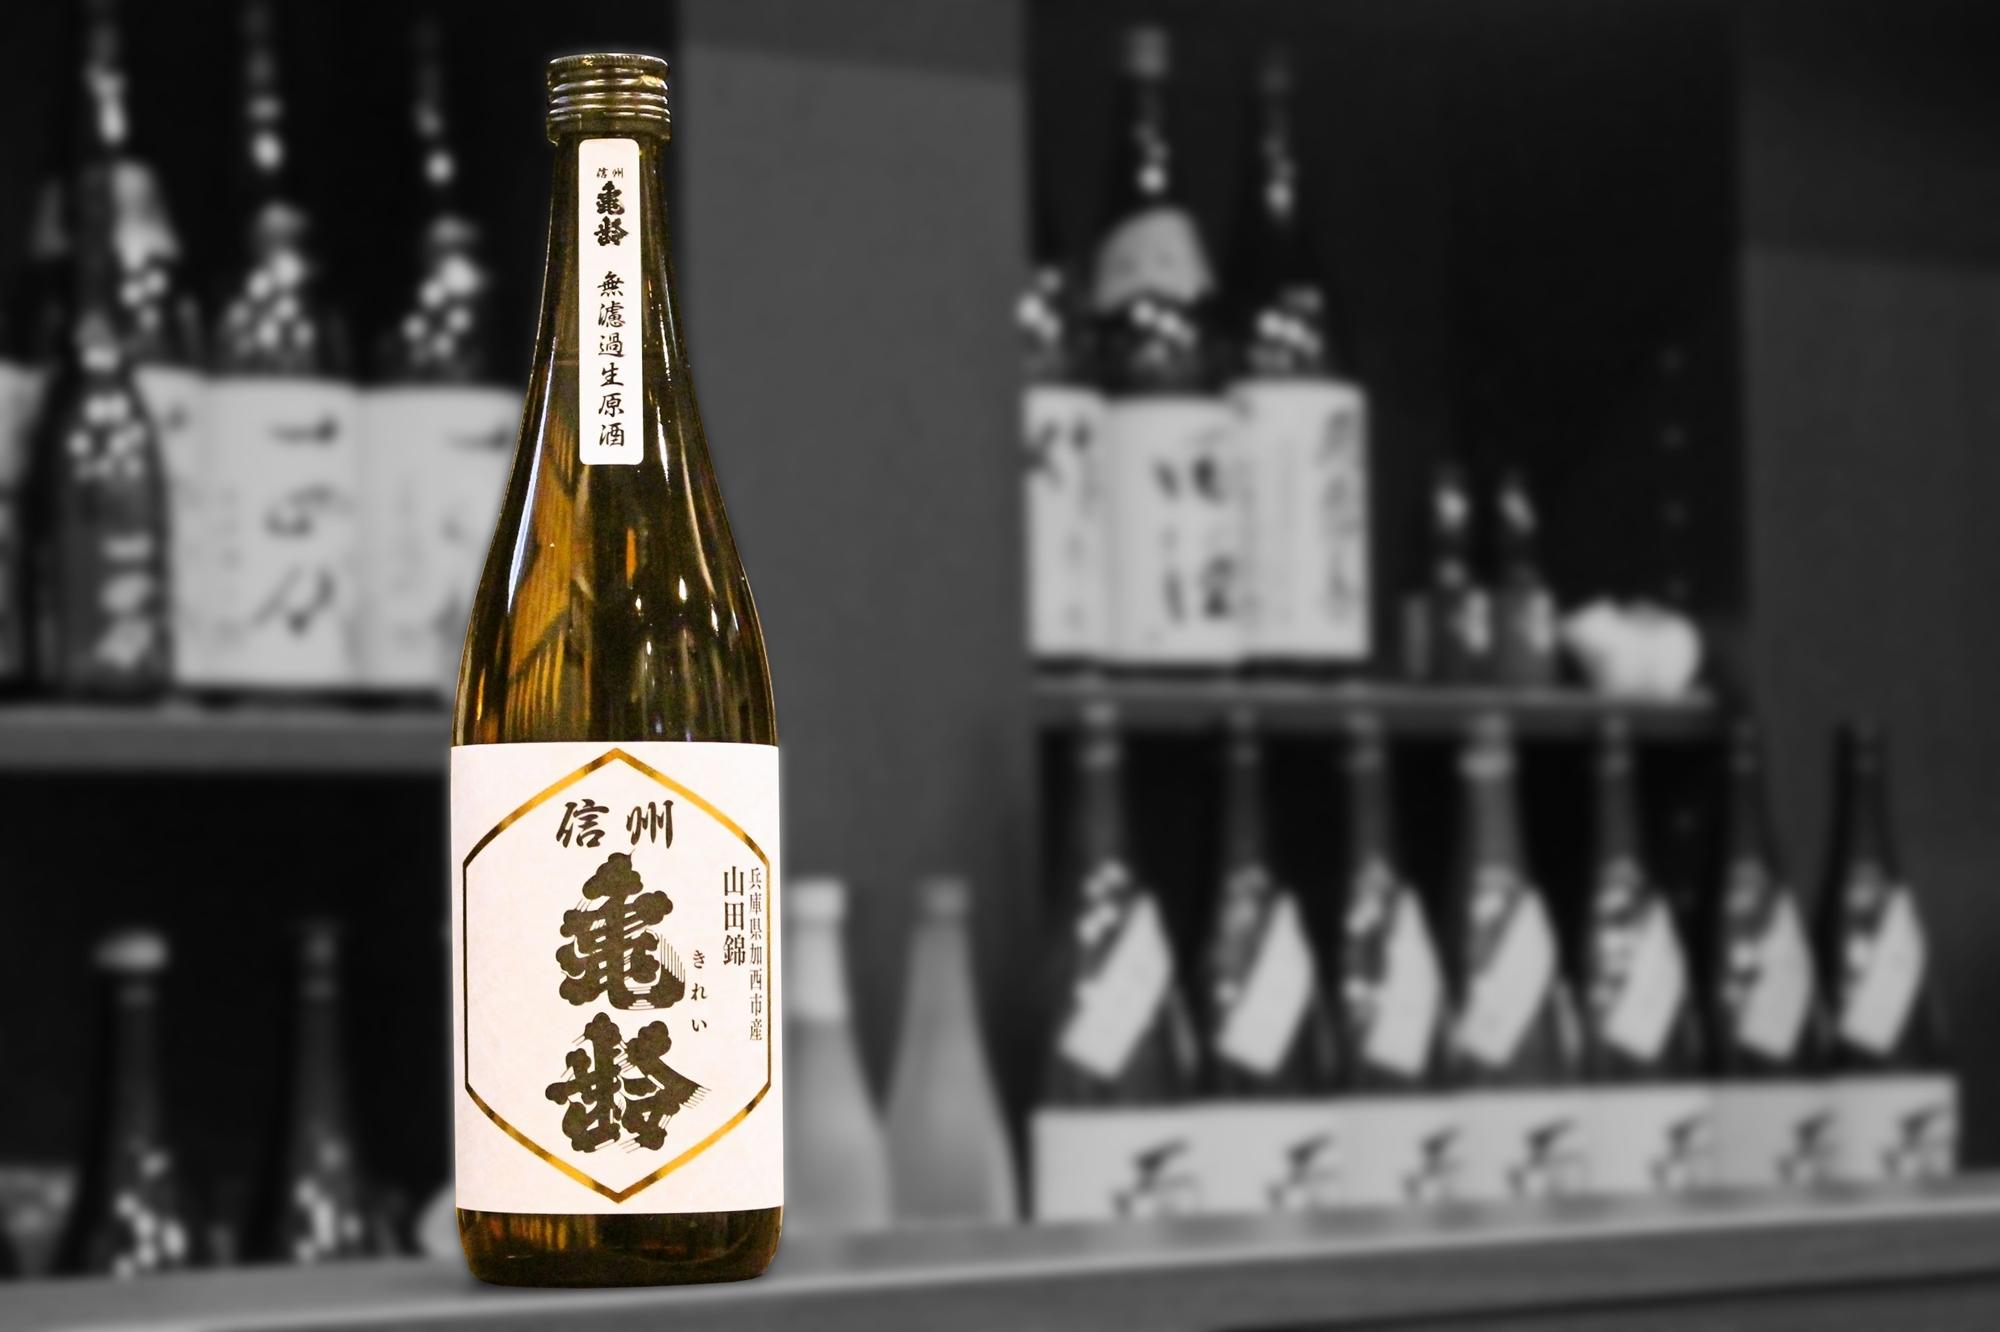 信州亀齢純米吟醸山田錦202102-001